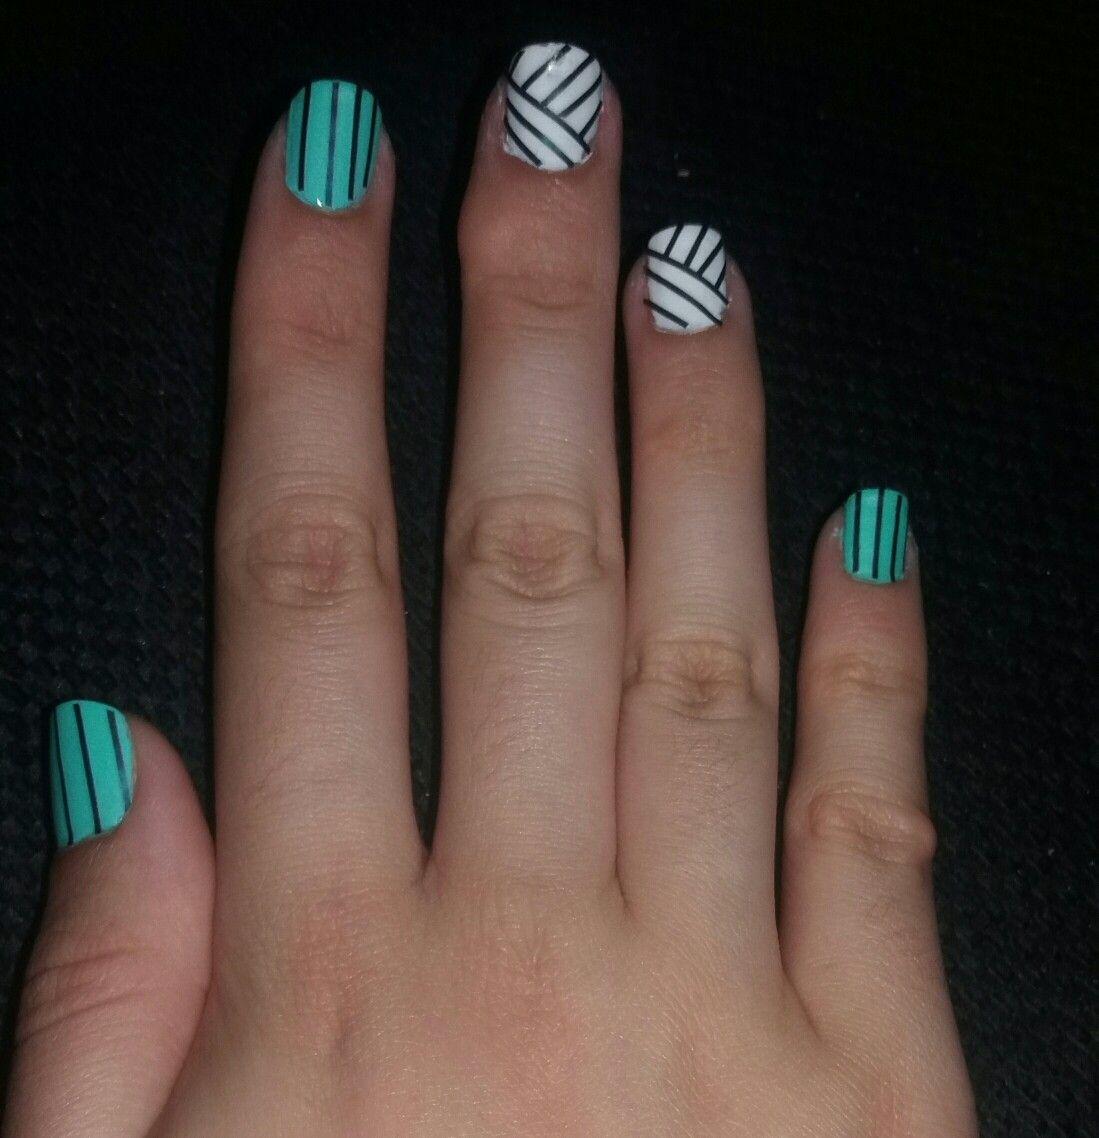 Simple design, perfect for short nails #nailart | Nail Art ...